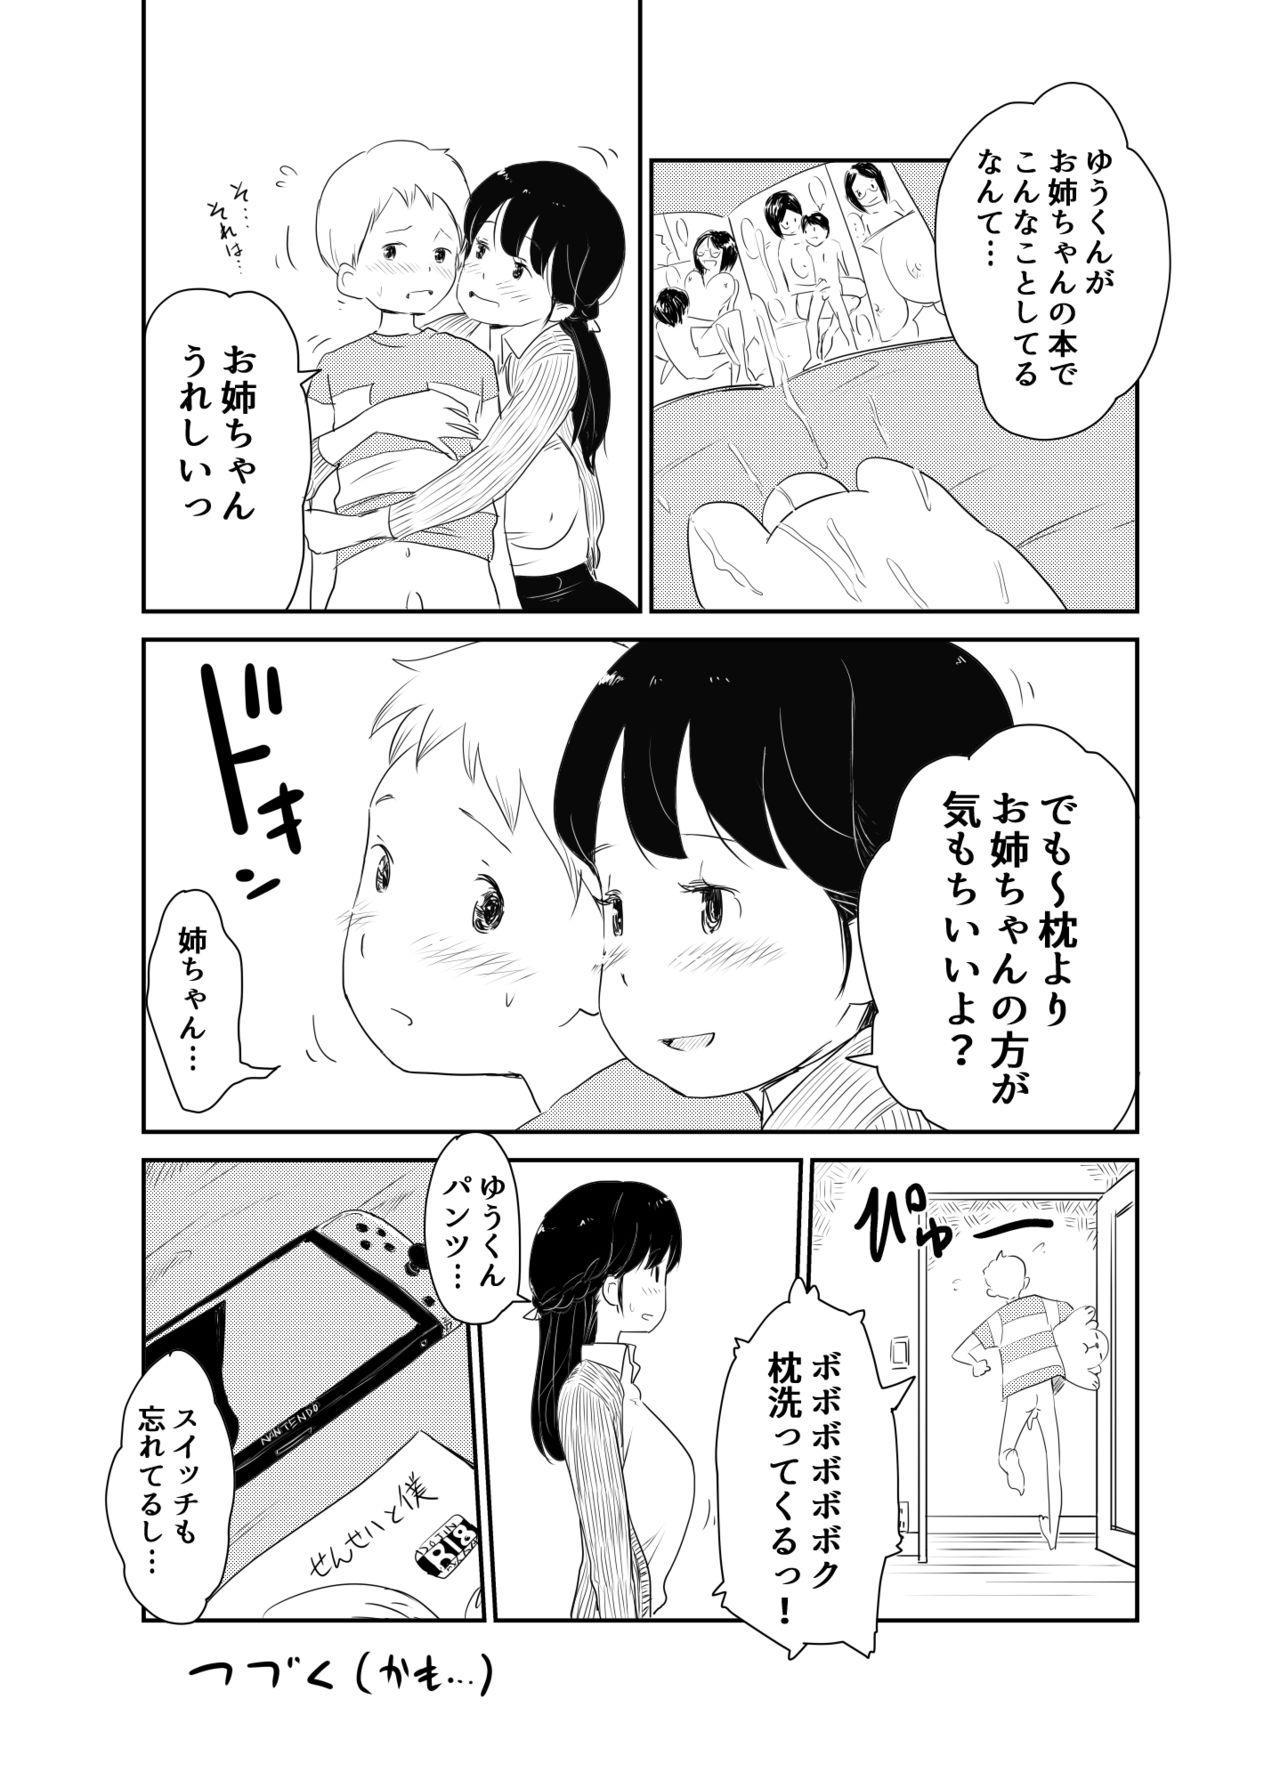 Shotacon no Oneechan wa Suki Desu Ka? 23